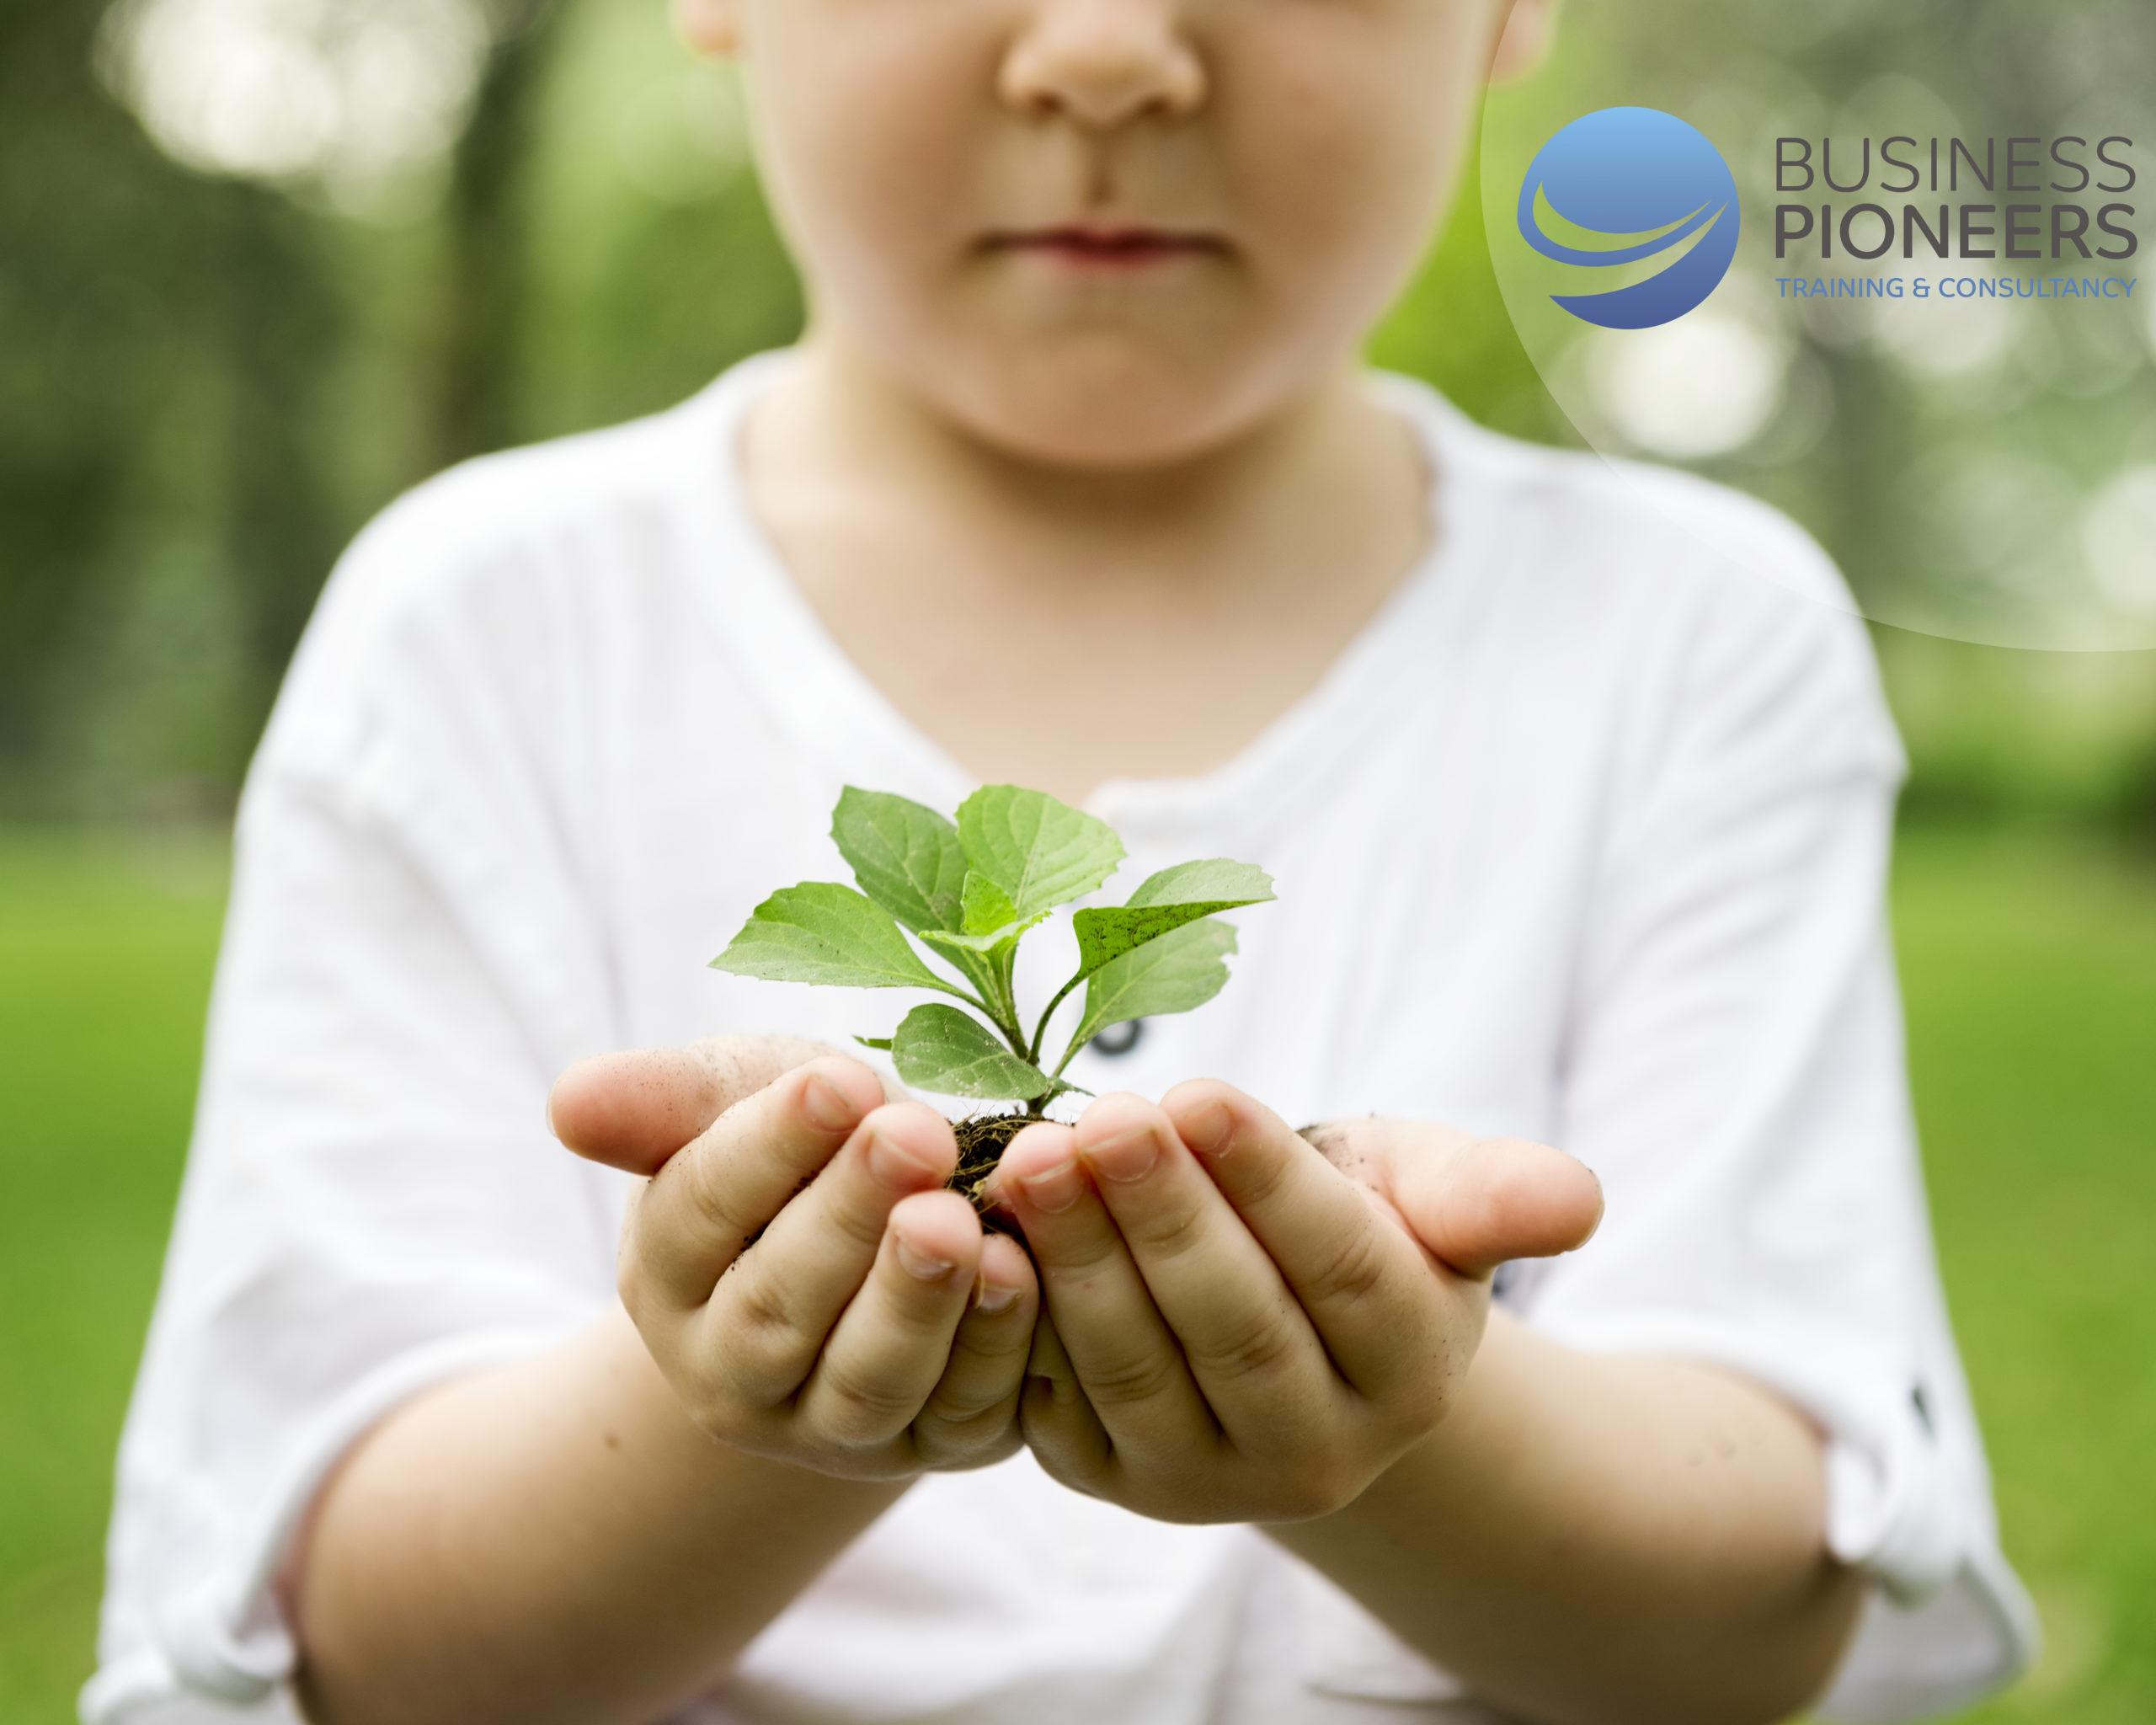 تعليم المستضعَفين : البذور المخفيَّة تحت التراب التي نطعم أبناءنا ثمارها